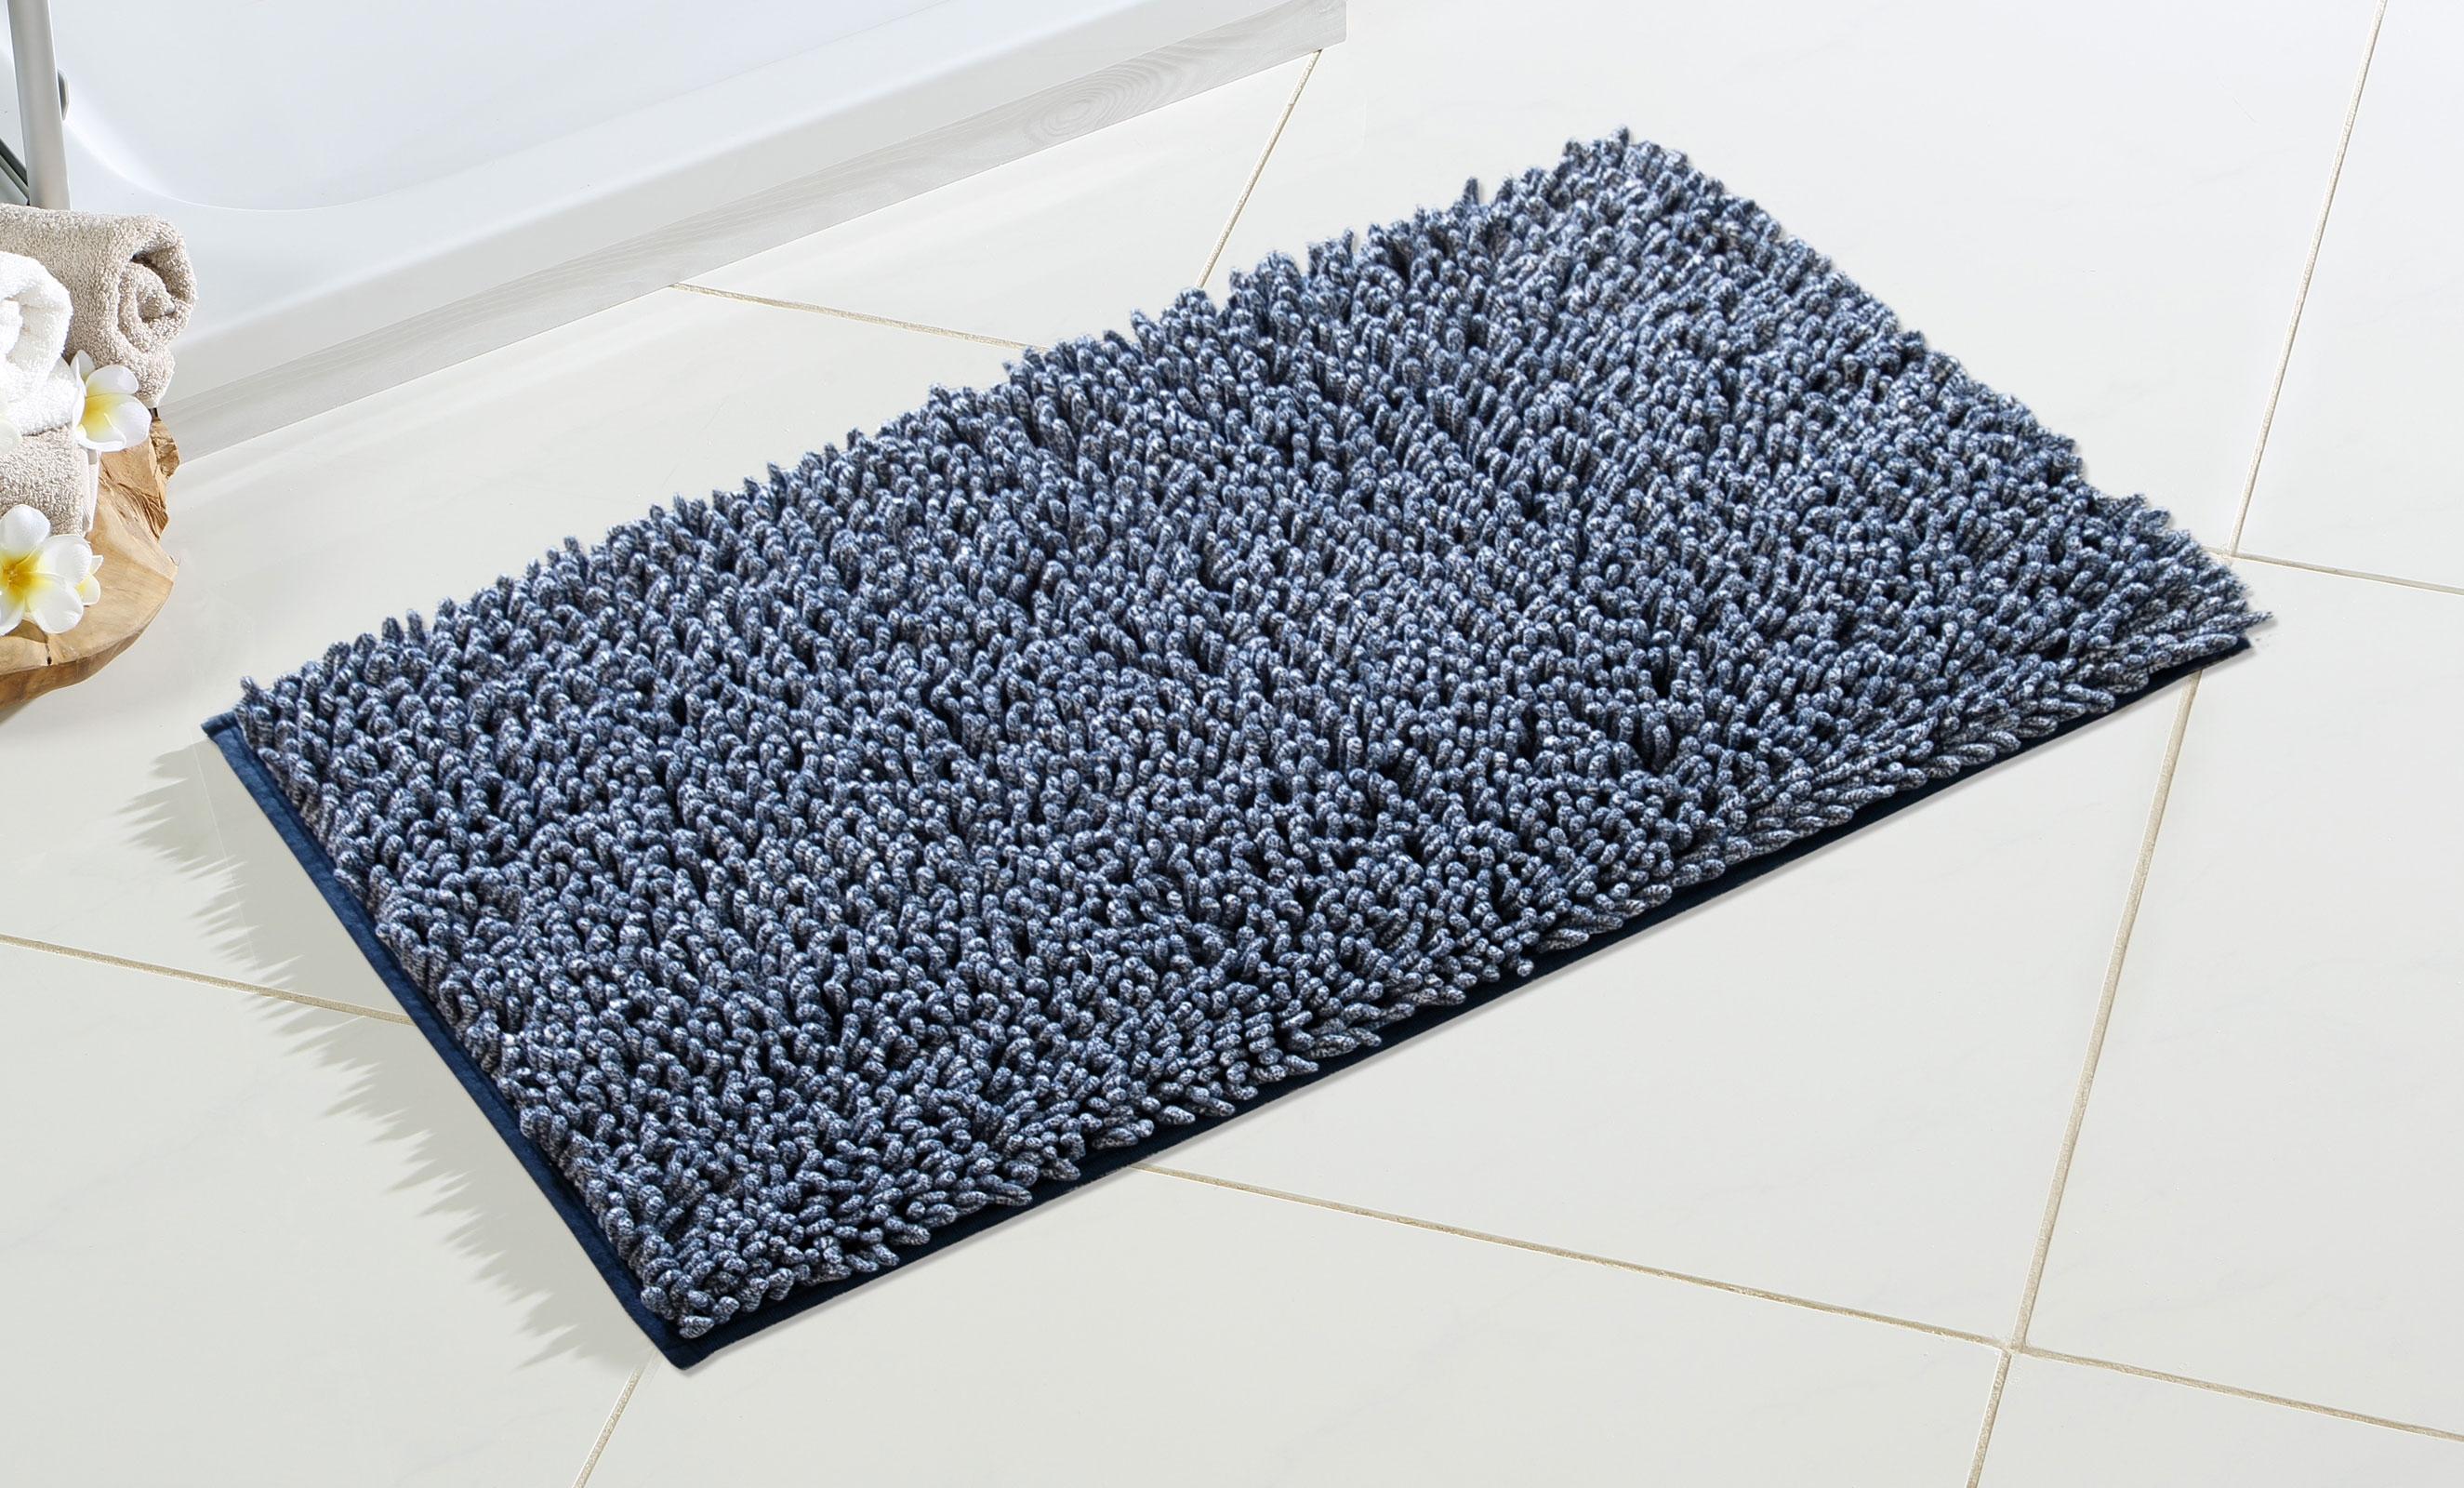 Badtextilien - Goldmond Luxus Hochflor Melange Badeteppich Badvorleger blau 60x100  - Onlineshop PremiumShop321